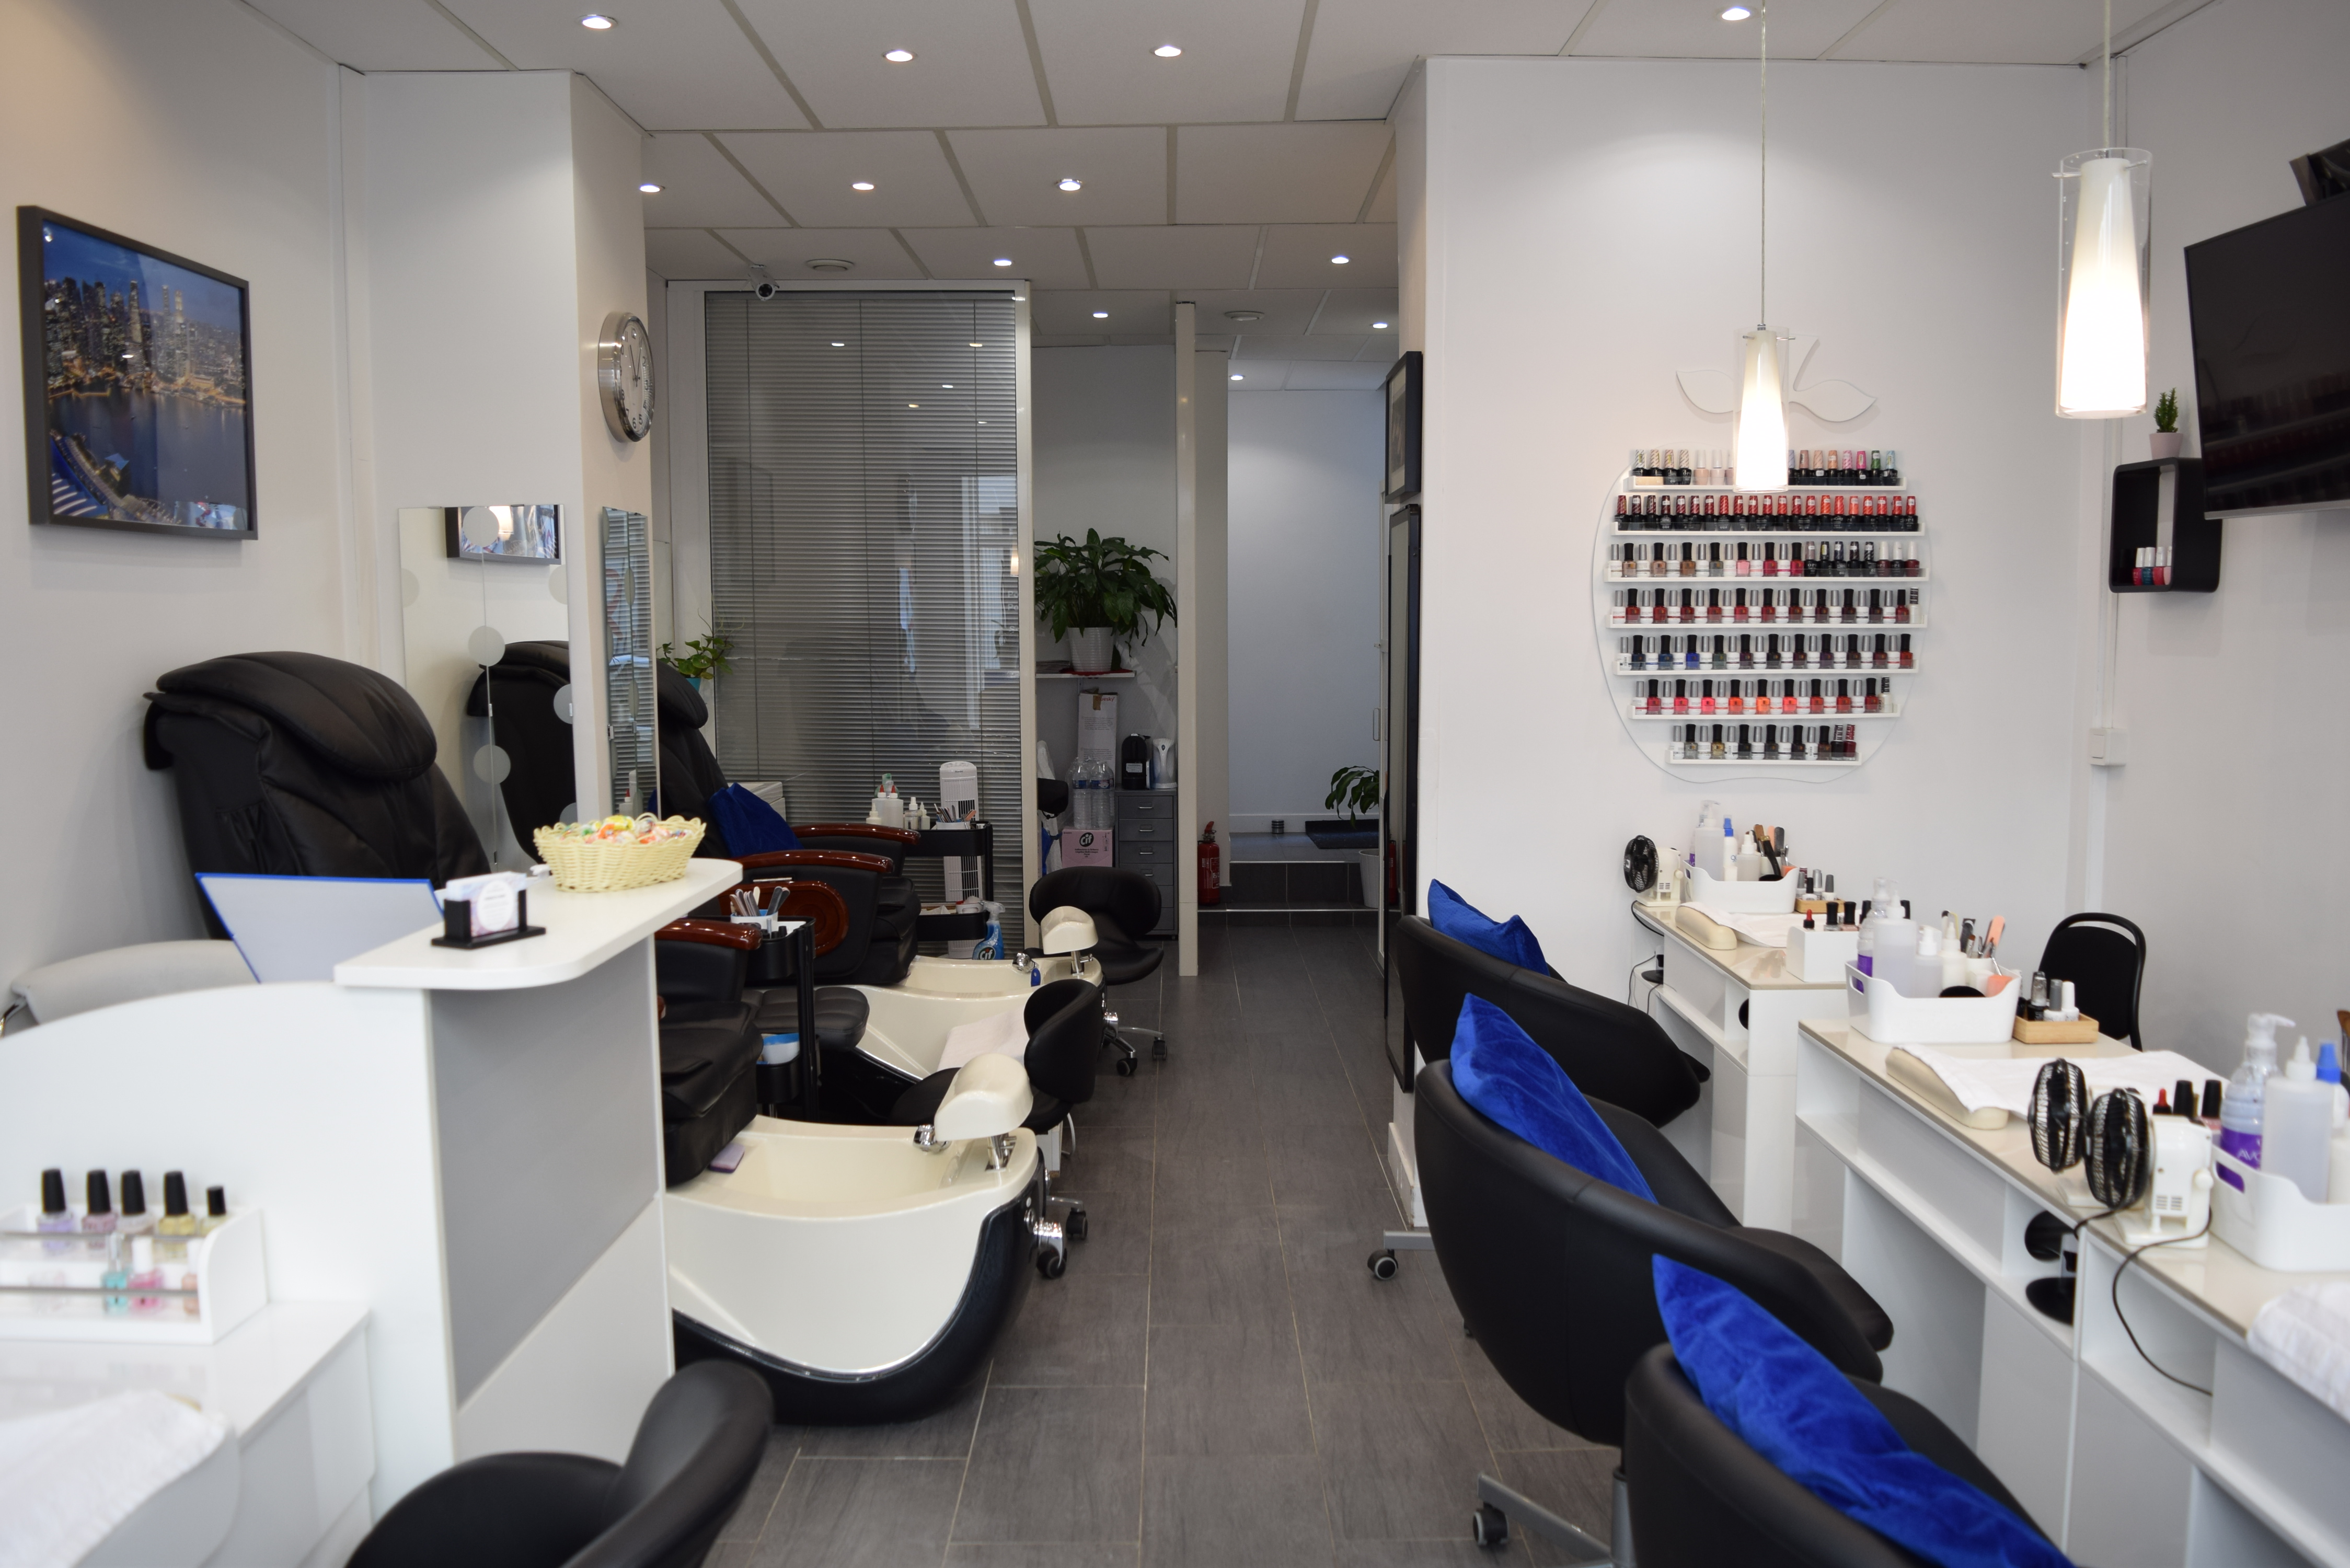 Fauteuils Pedicure Spa Institut French Nail A Paris 15